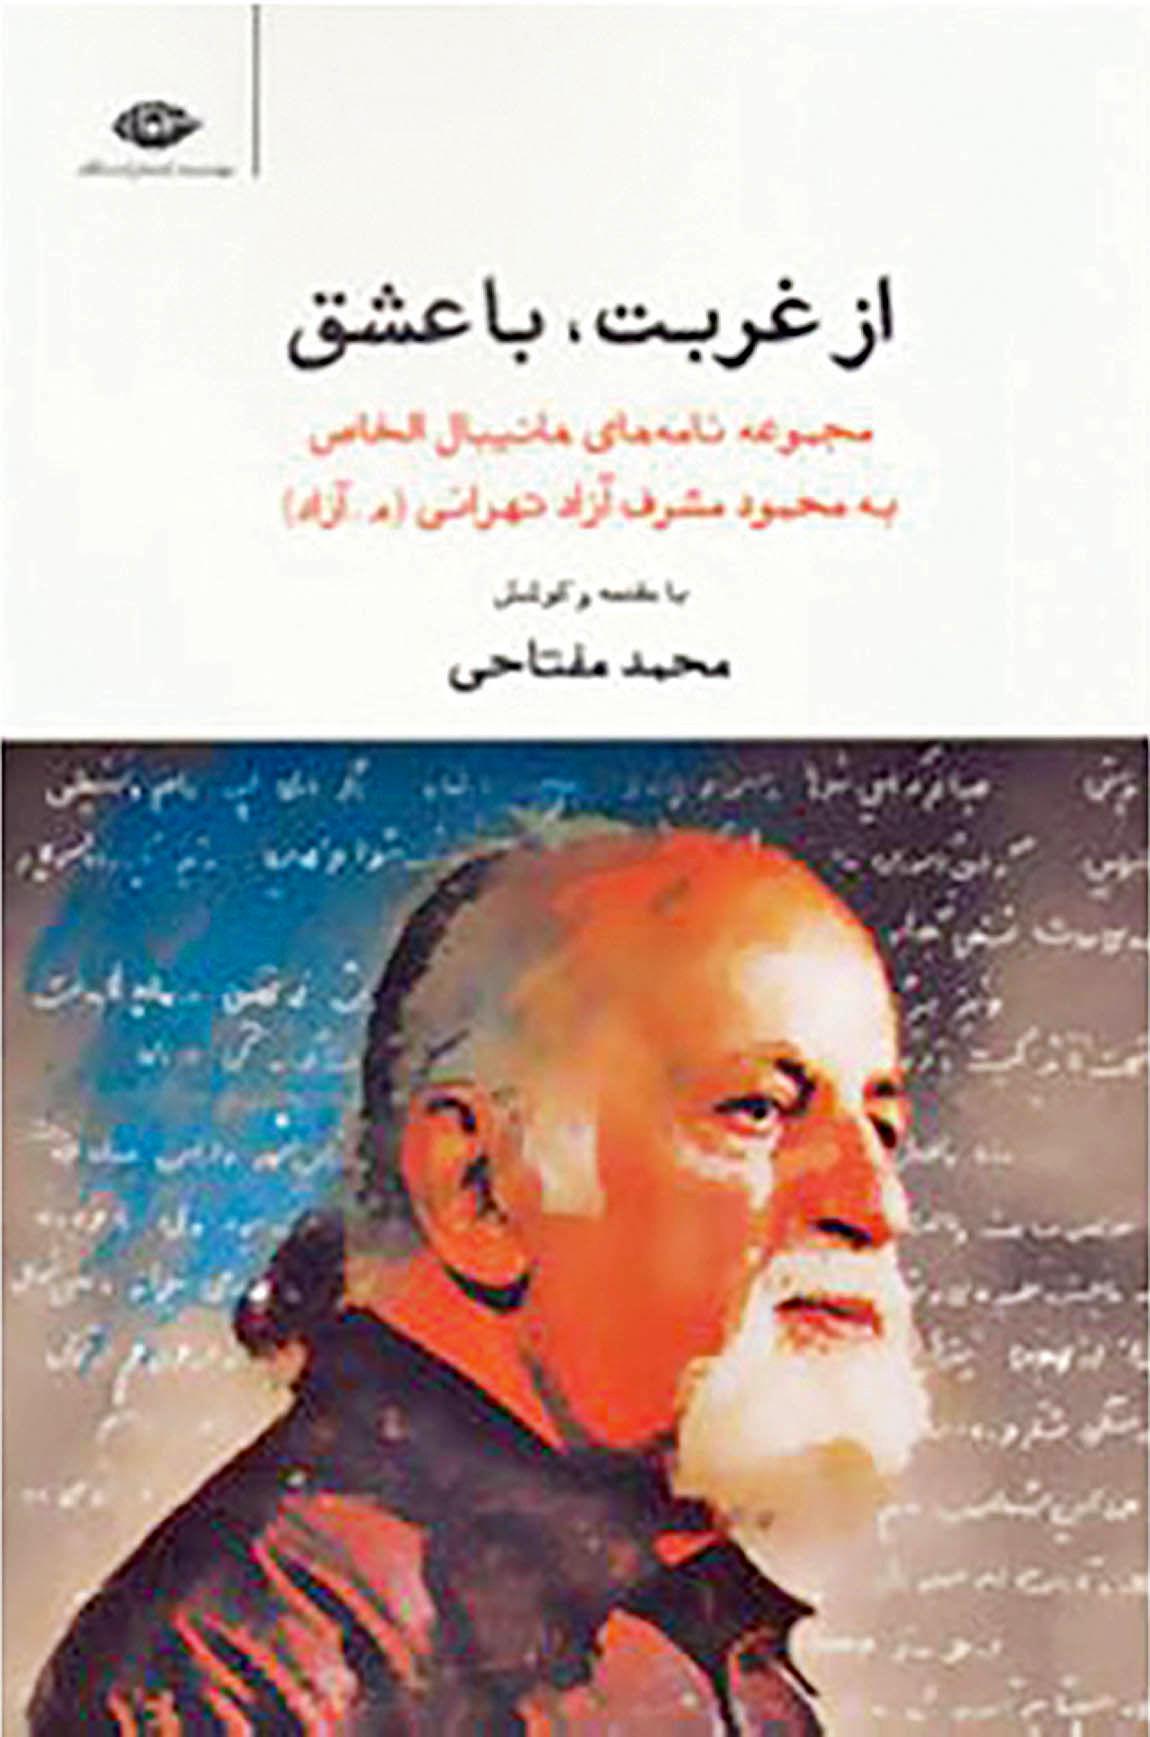 انتشار کتاب نامههای هانیبال الخاص به م. آزاد